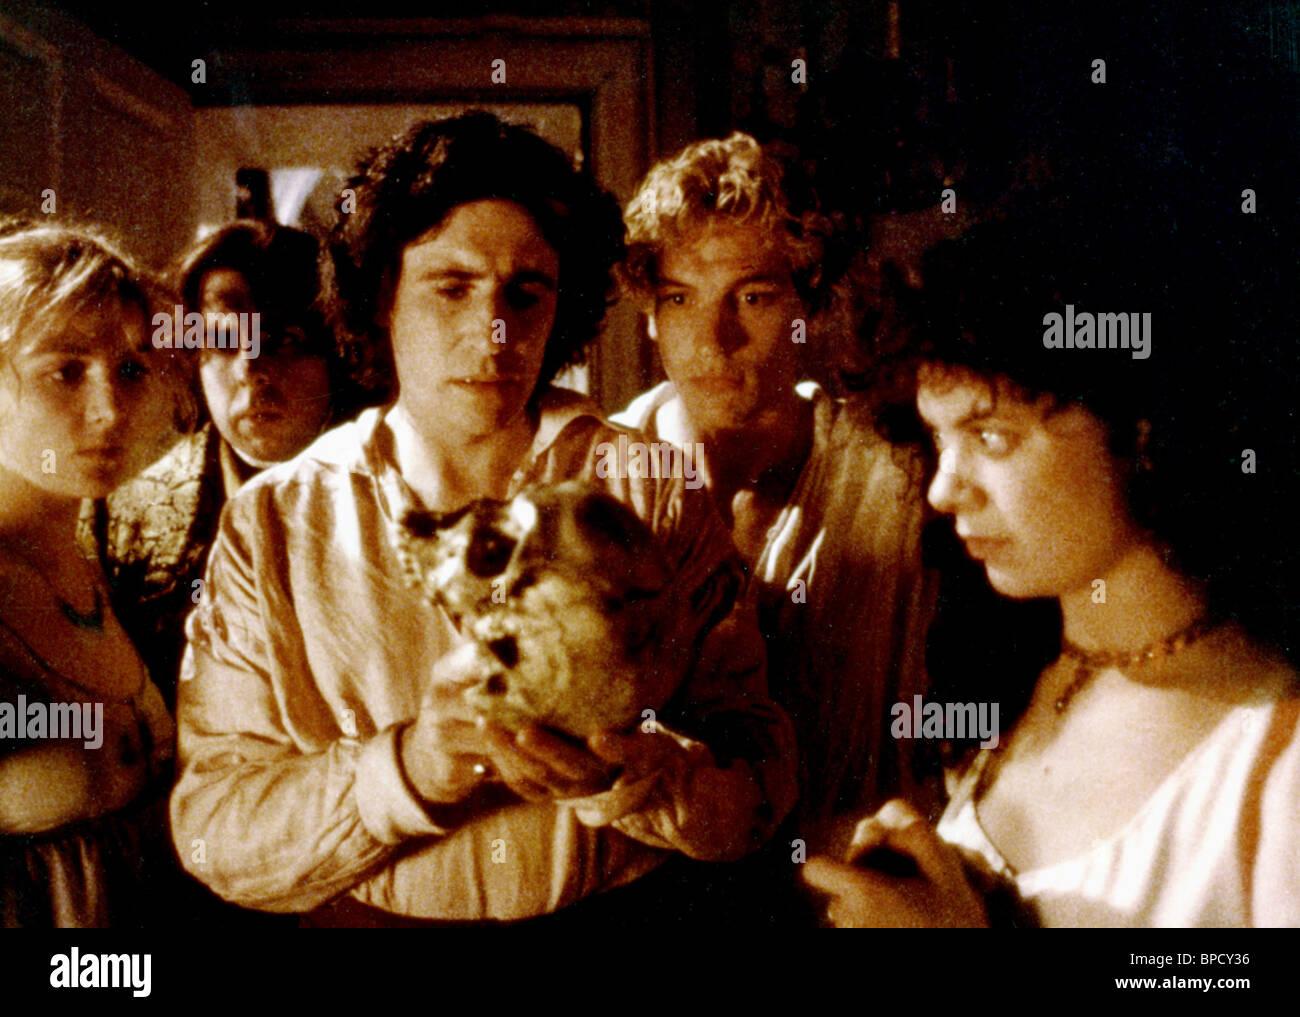 TIMOTHY SPALL, Gabriel Byrne, gotico, 1986 Immagini Stock